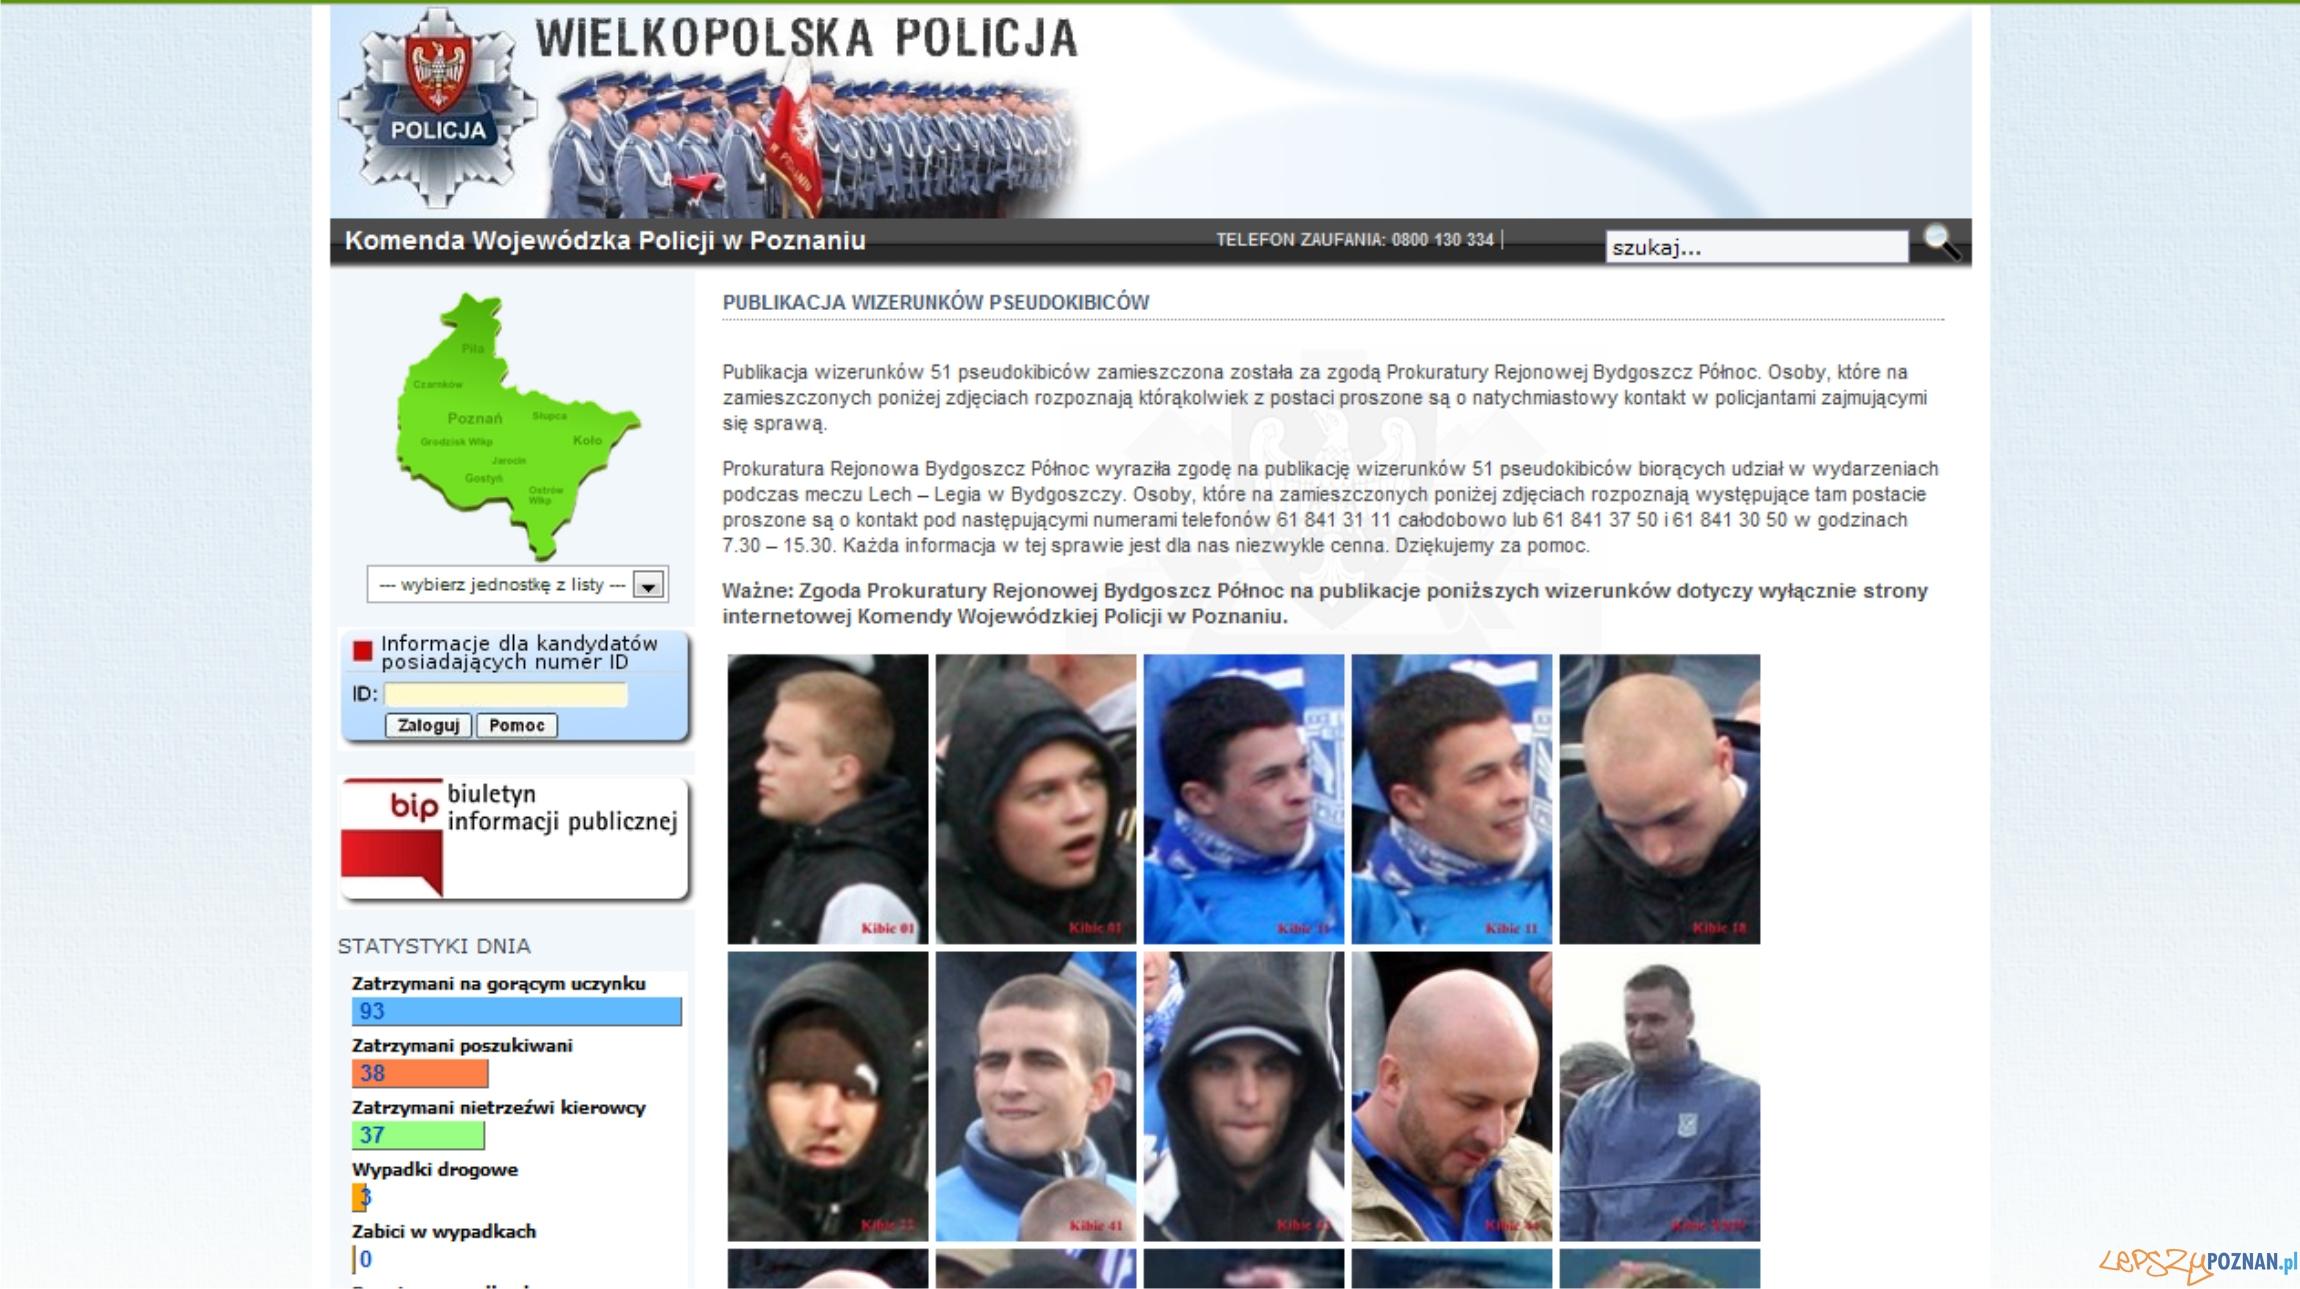 publikacja zdjęć podejrzanych  Foto: KWP Policji w Poznaniu